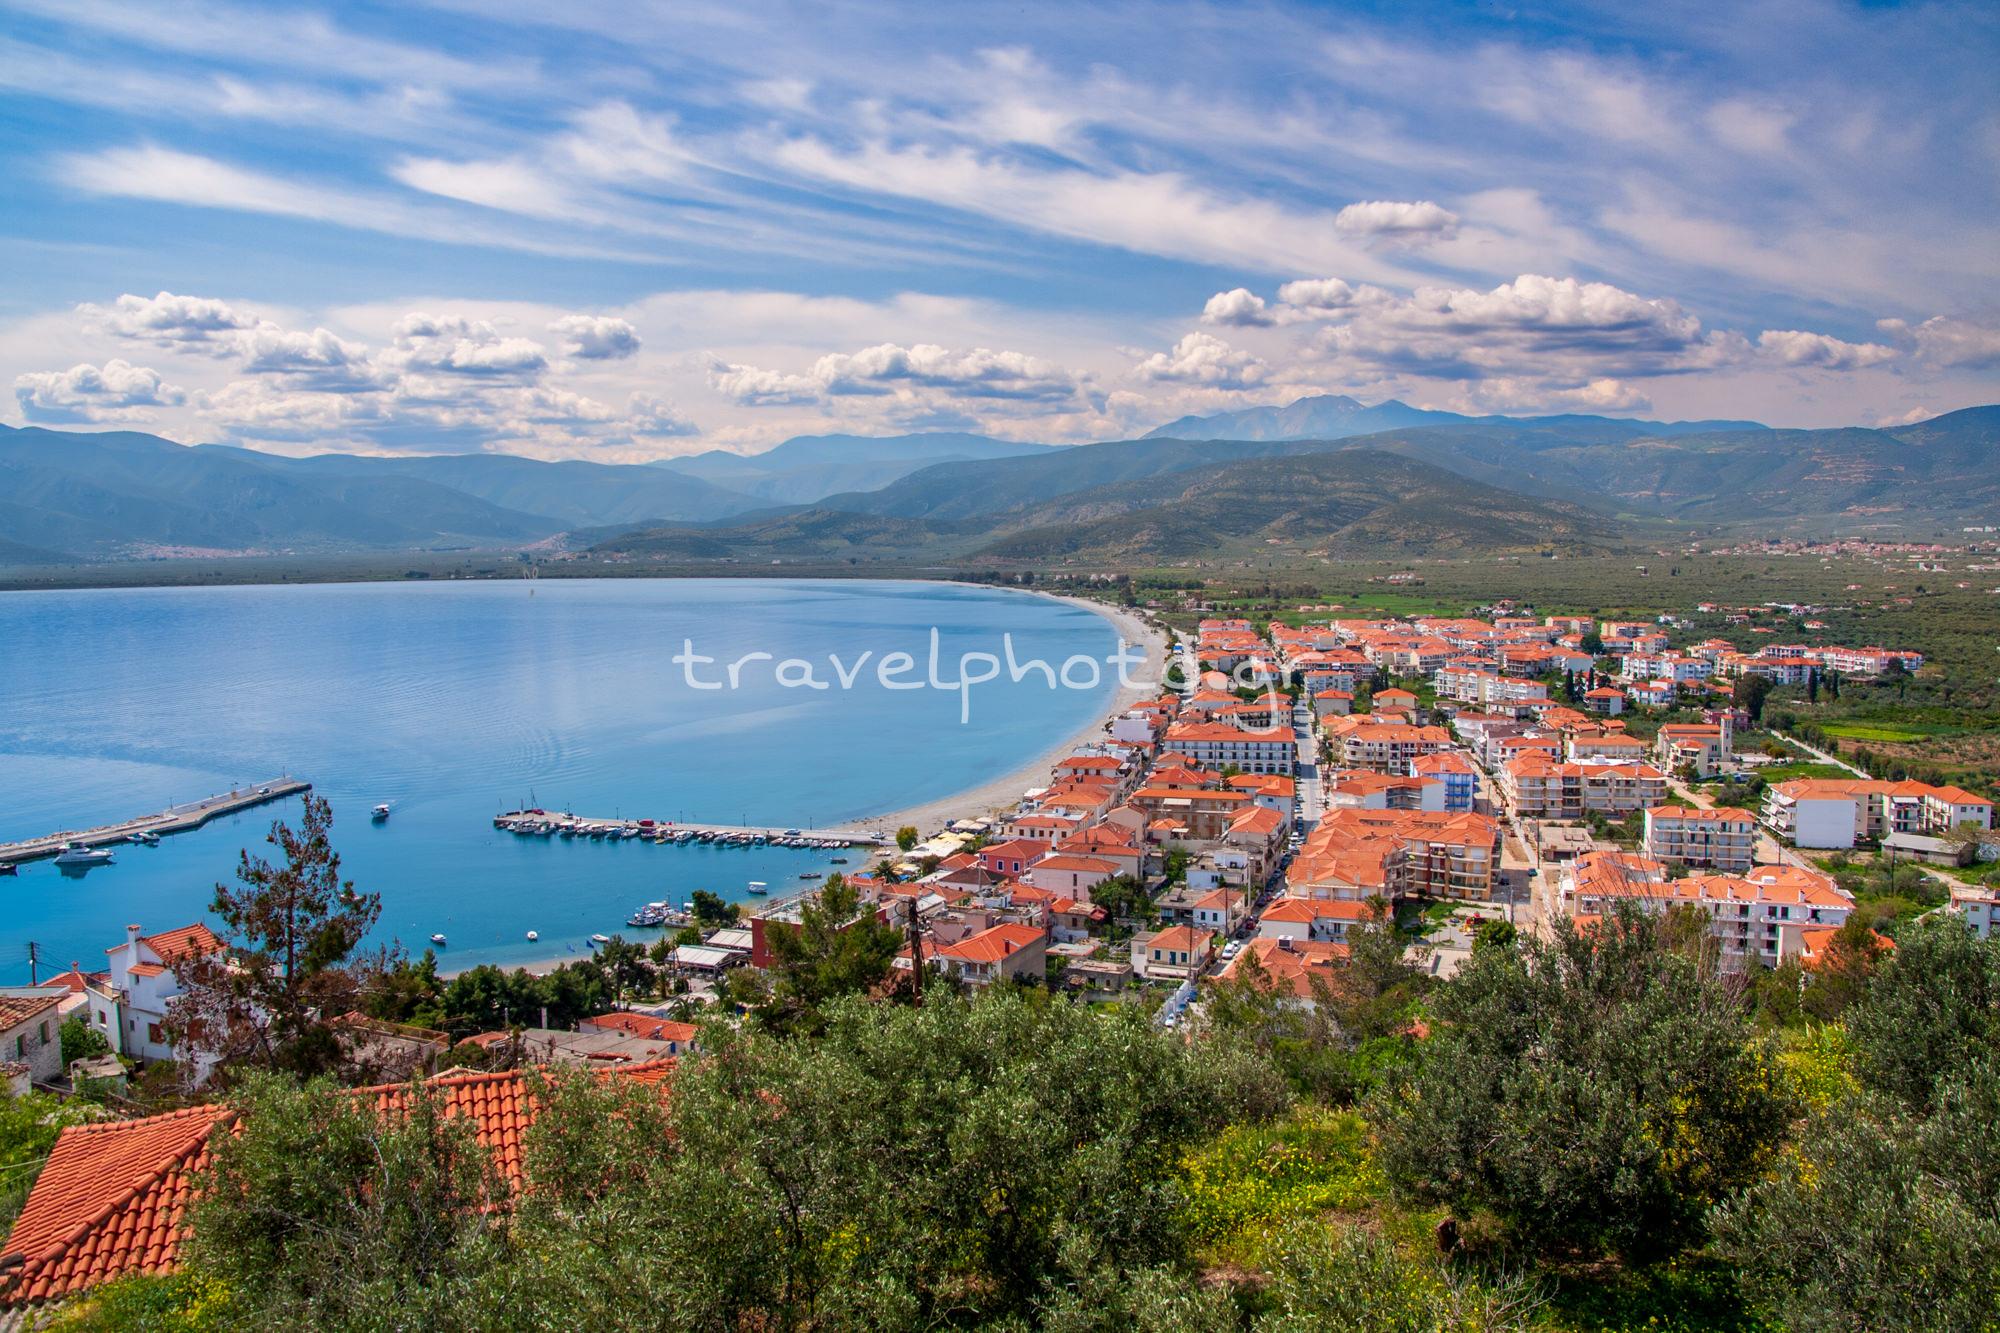 Paralio-Astros-Kynourias-travelphoto_gr